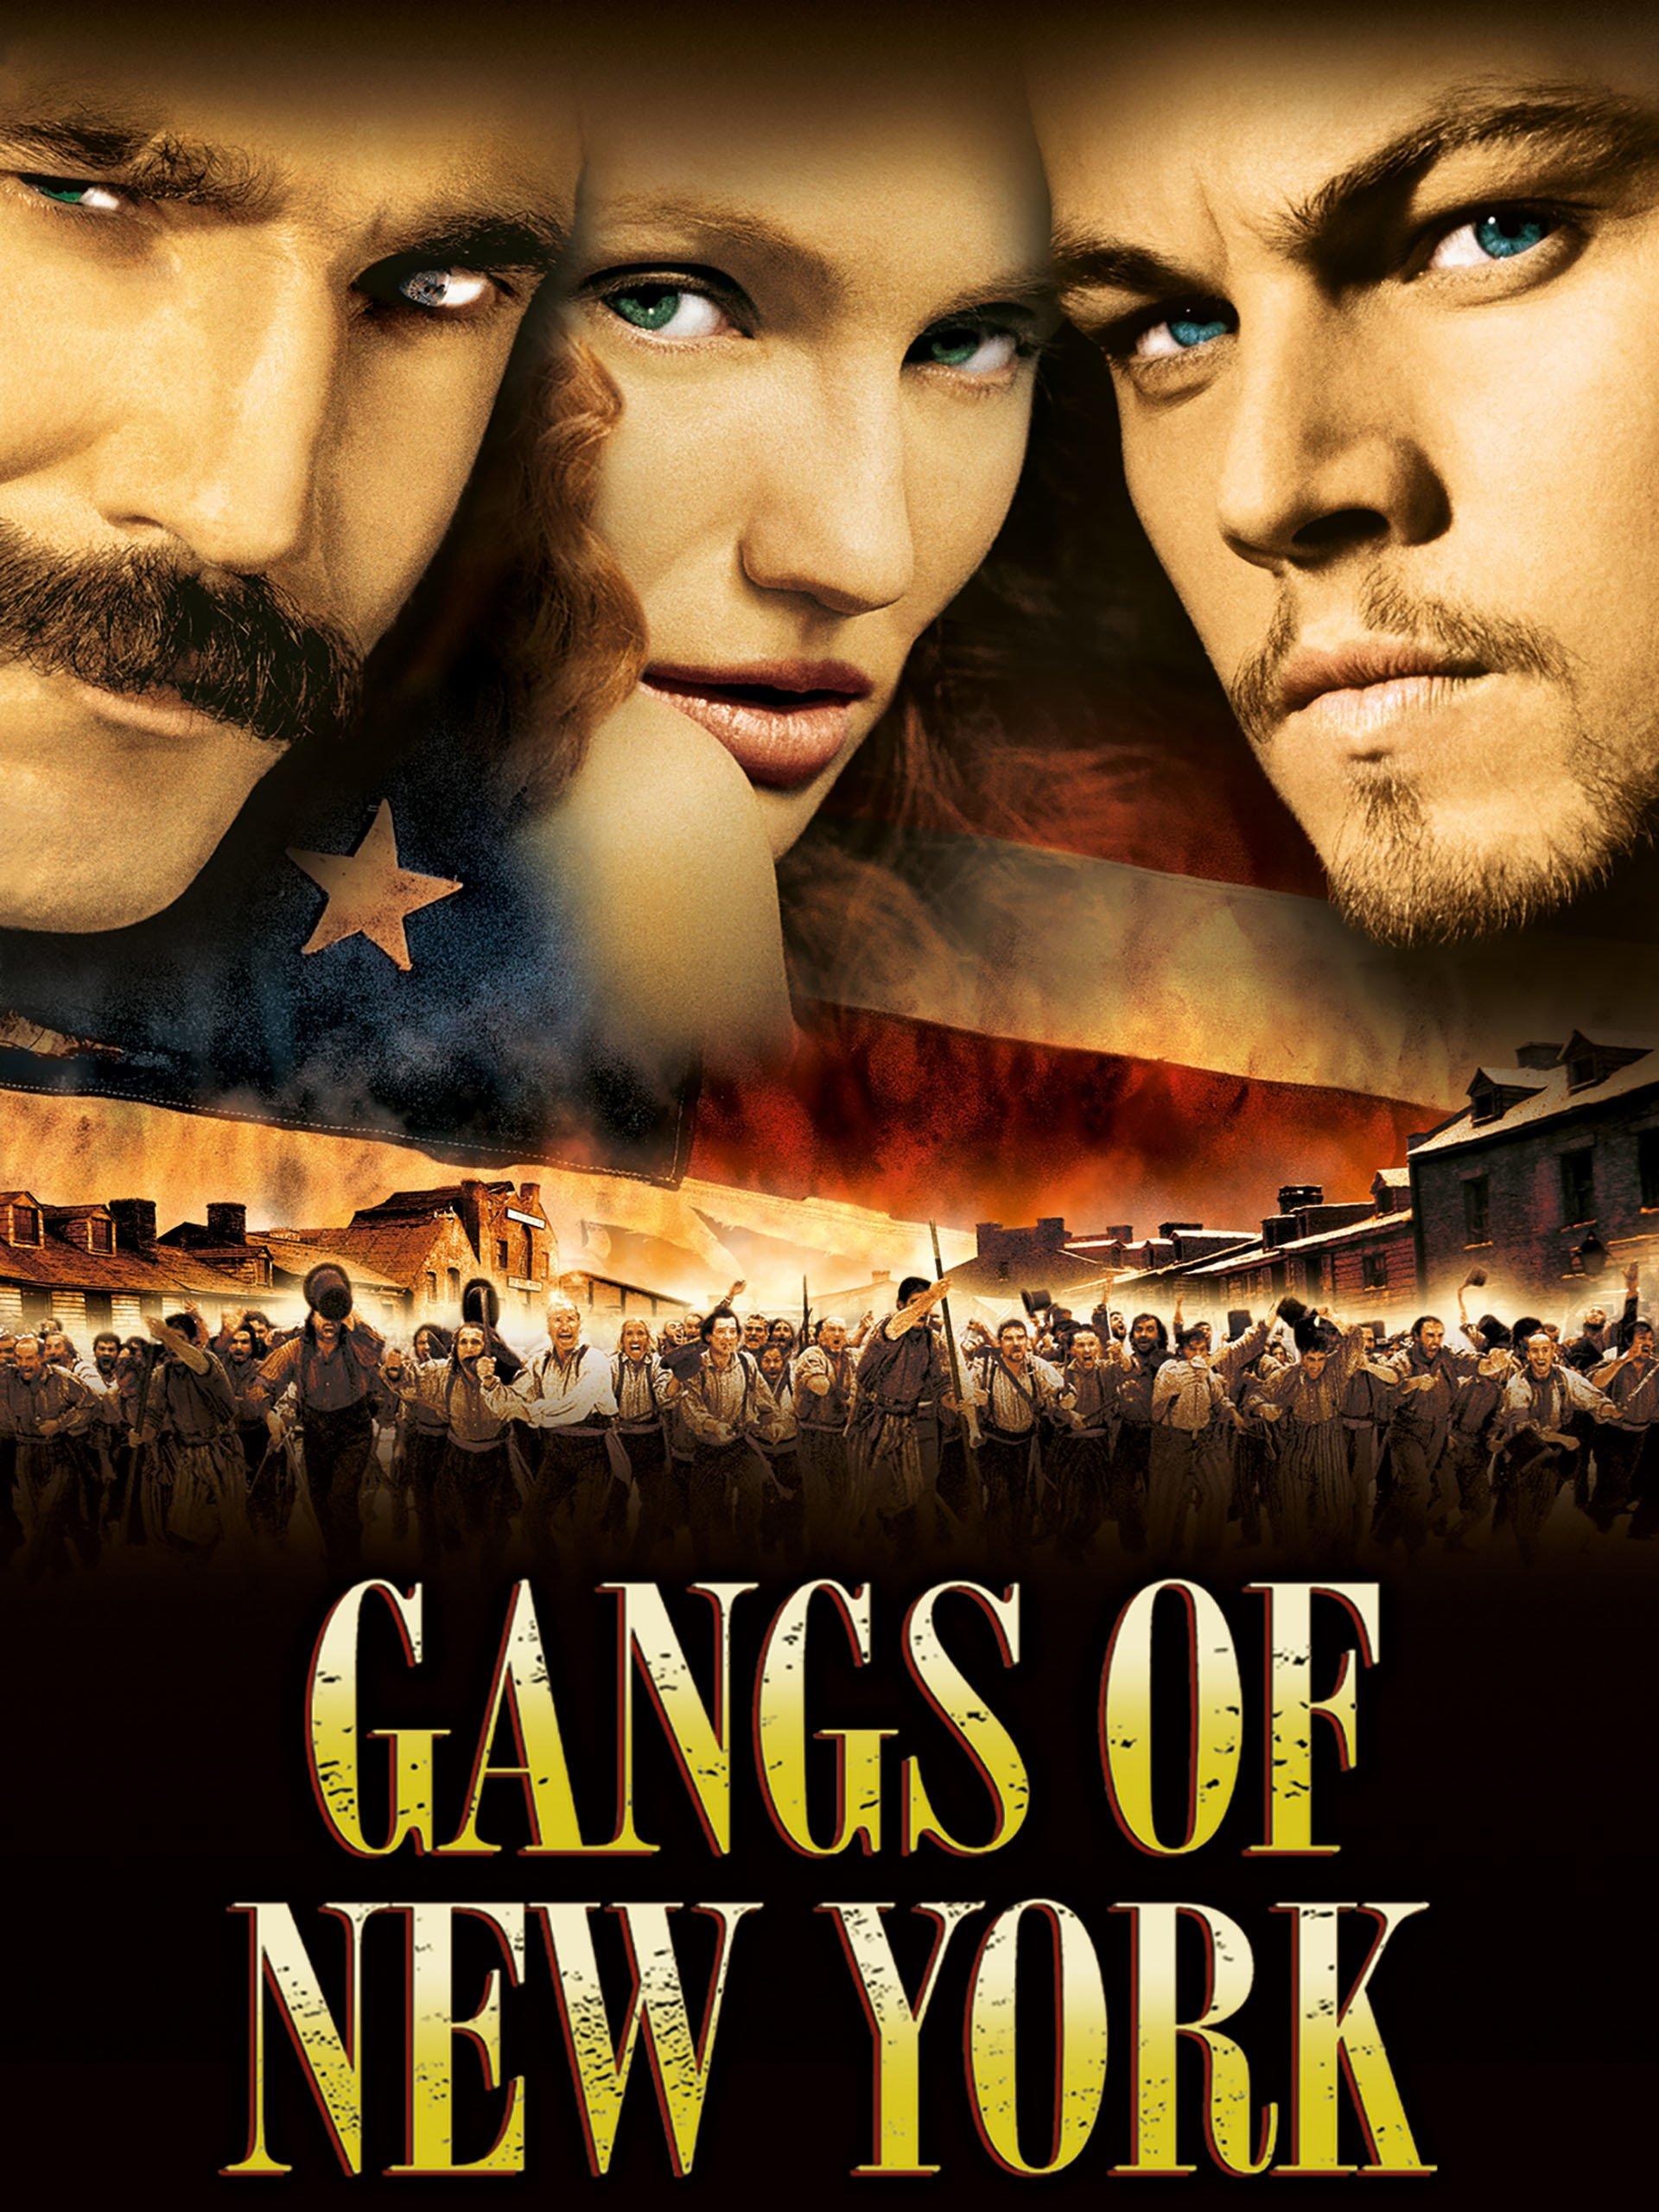 پوستر فیلم دارودسته نیویورکی (با برگردان صحیح تر: دارودسته های نیویورکی ) Gangs of New York